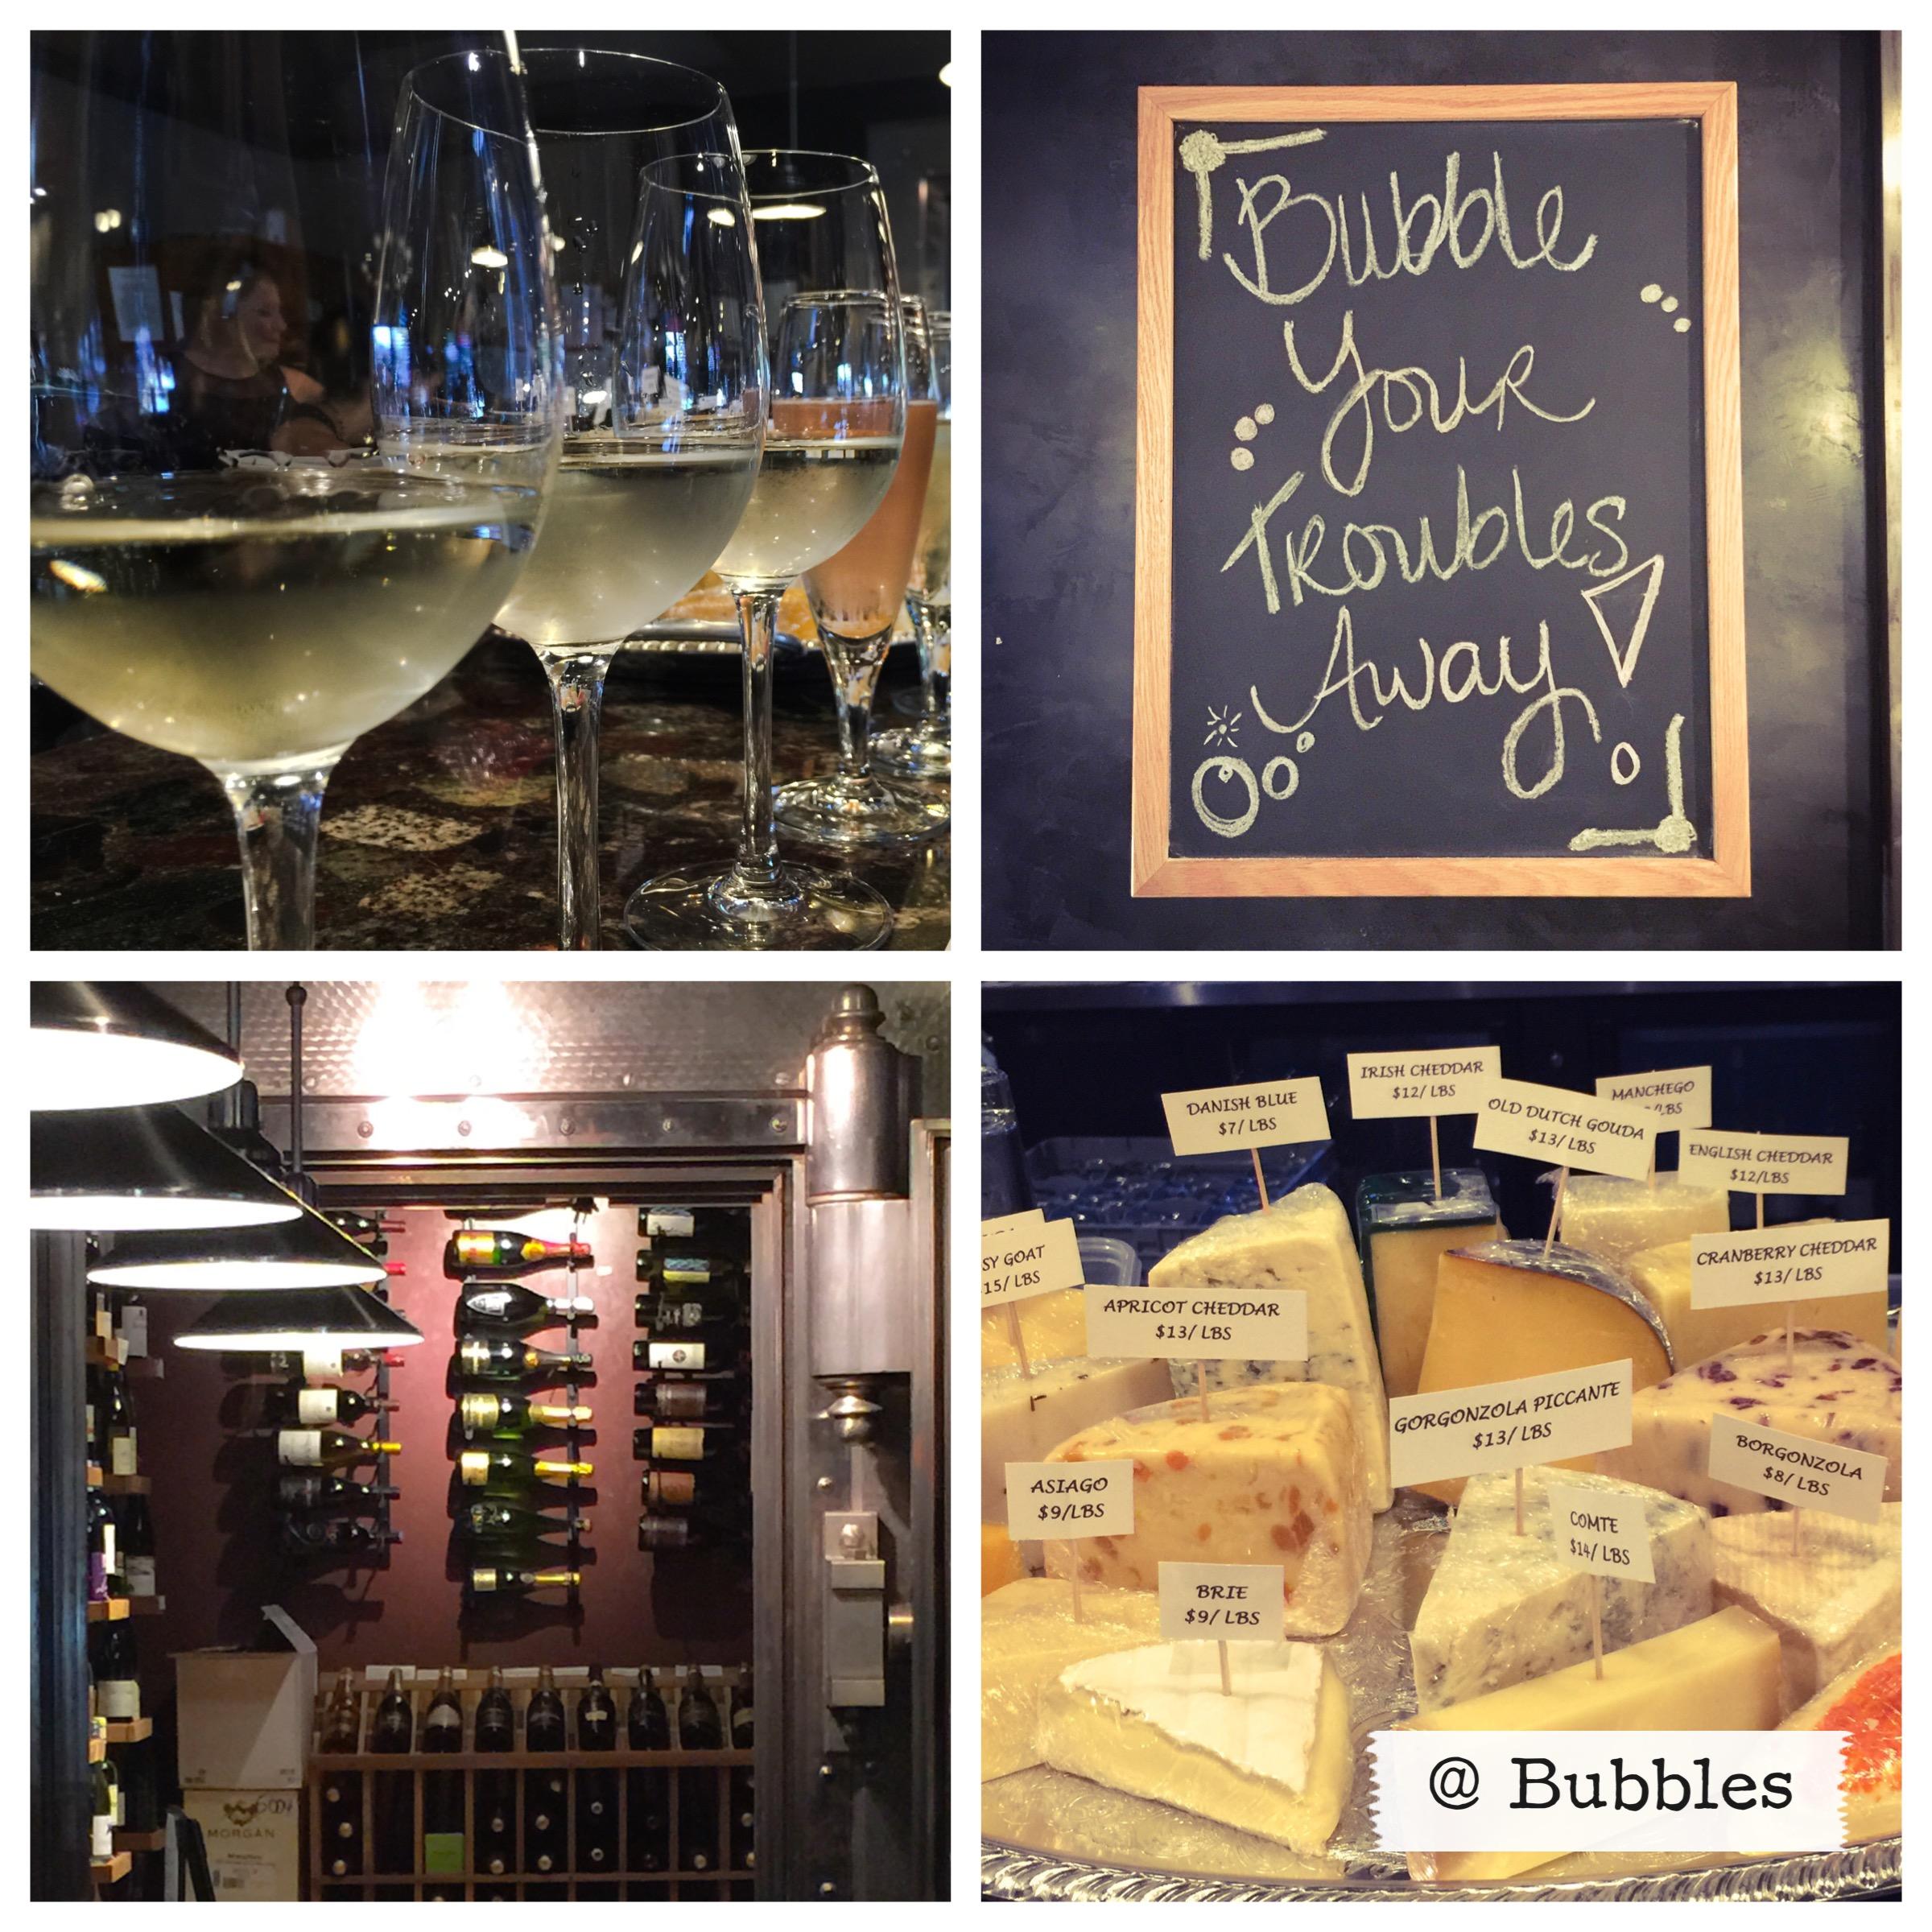 Bubbles Wine Bar in Morgan Hill